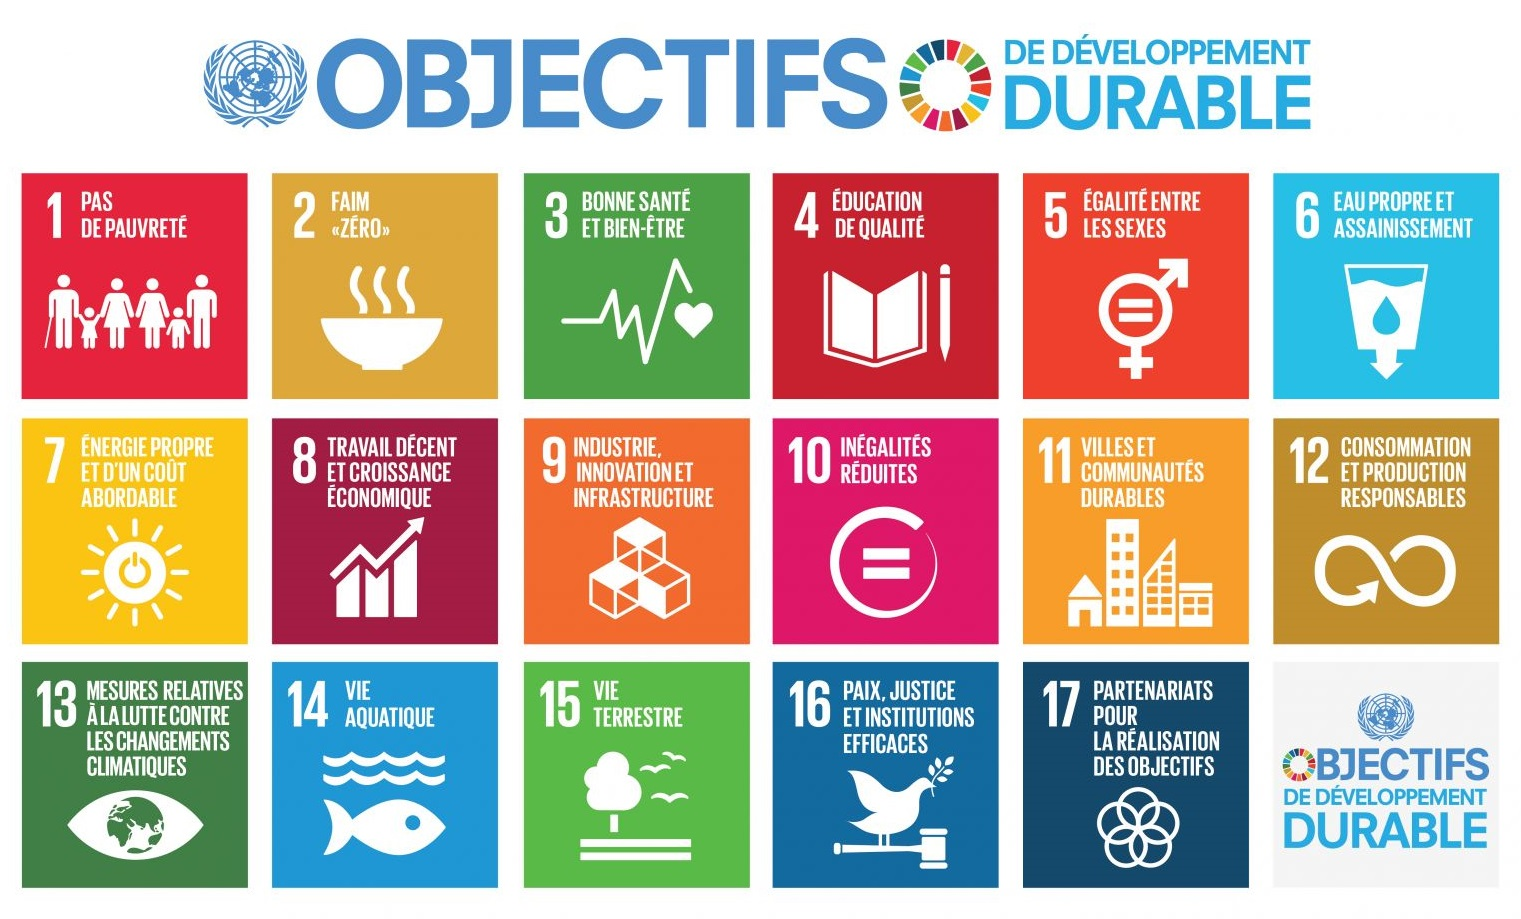 17 ODD publiés par l'ONU